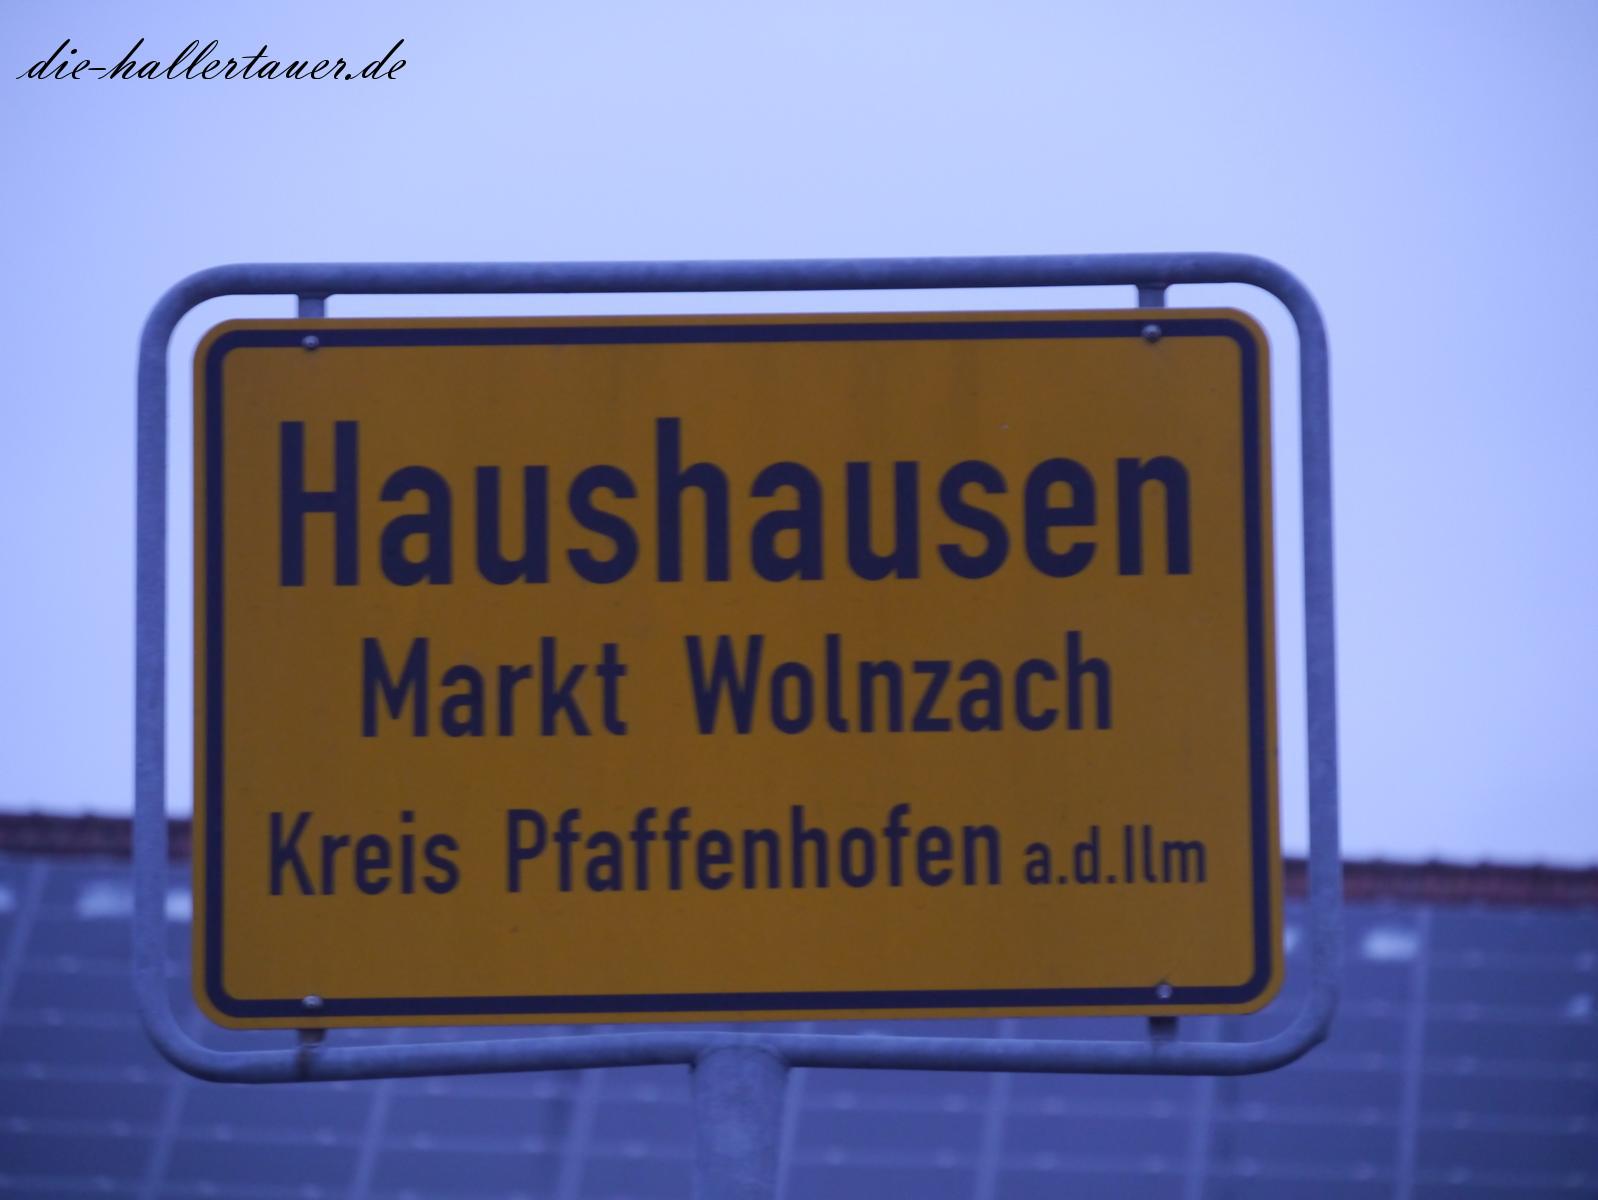 Haushausen